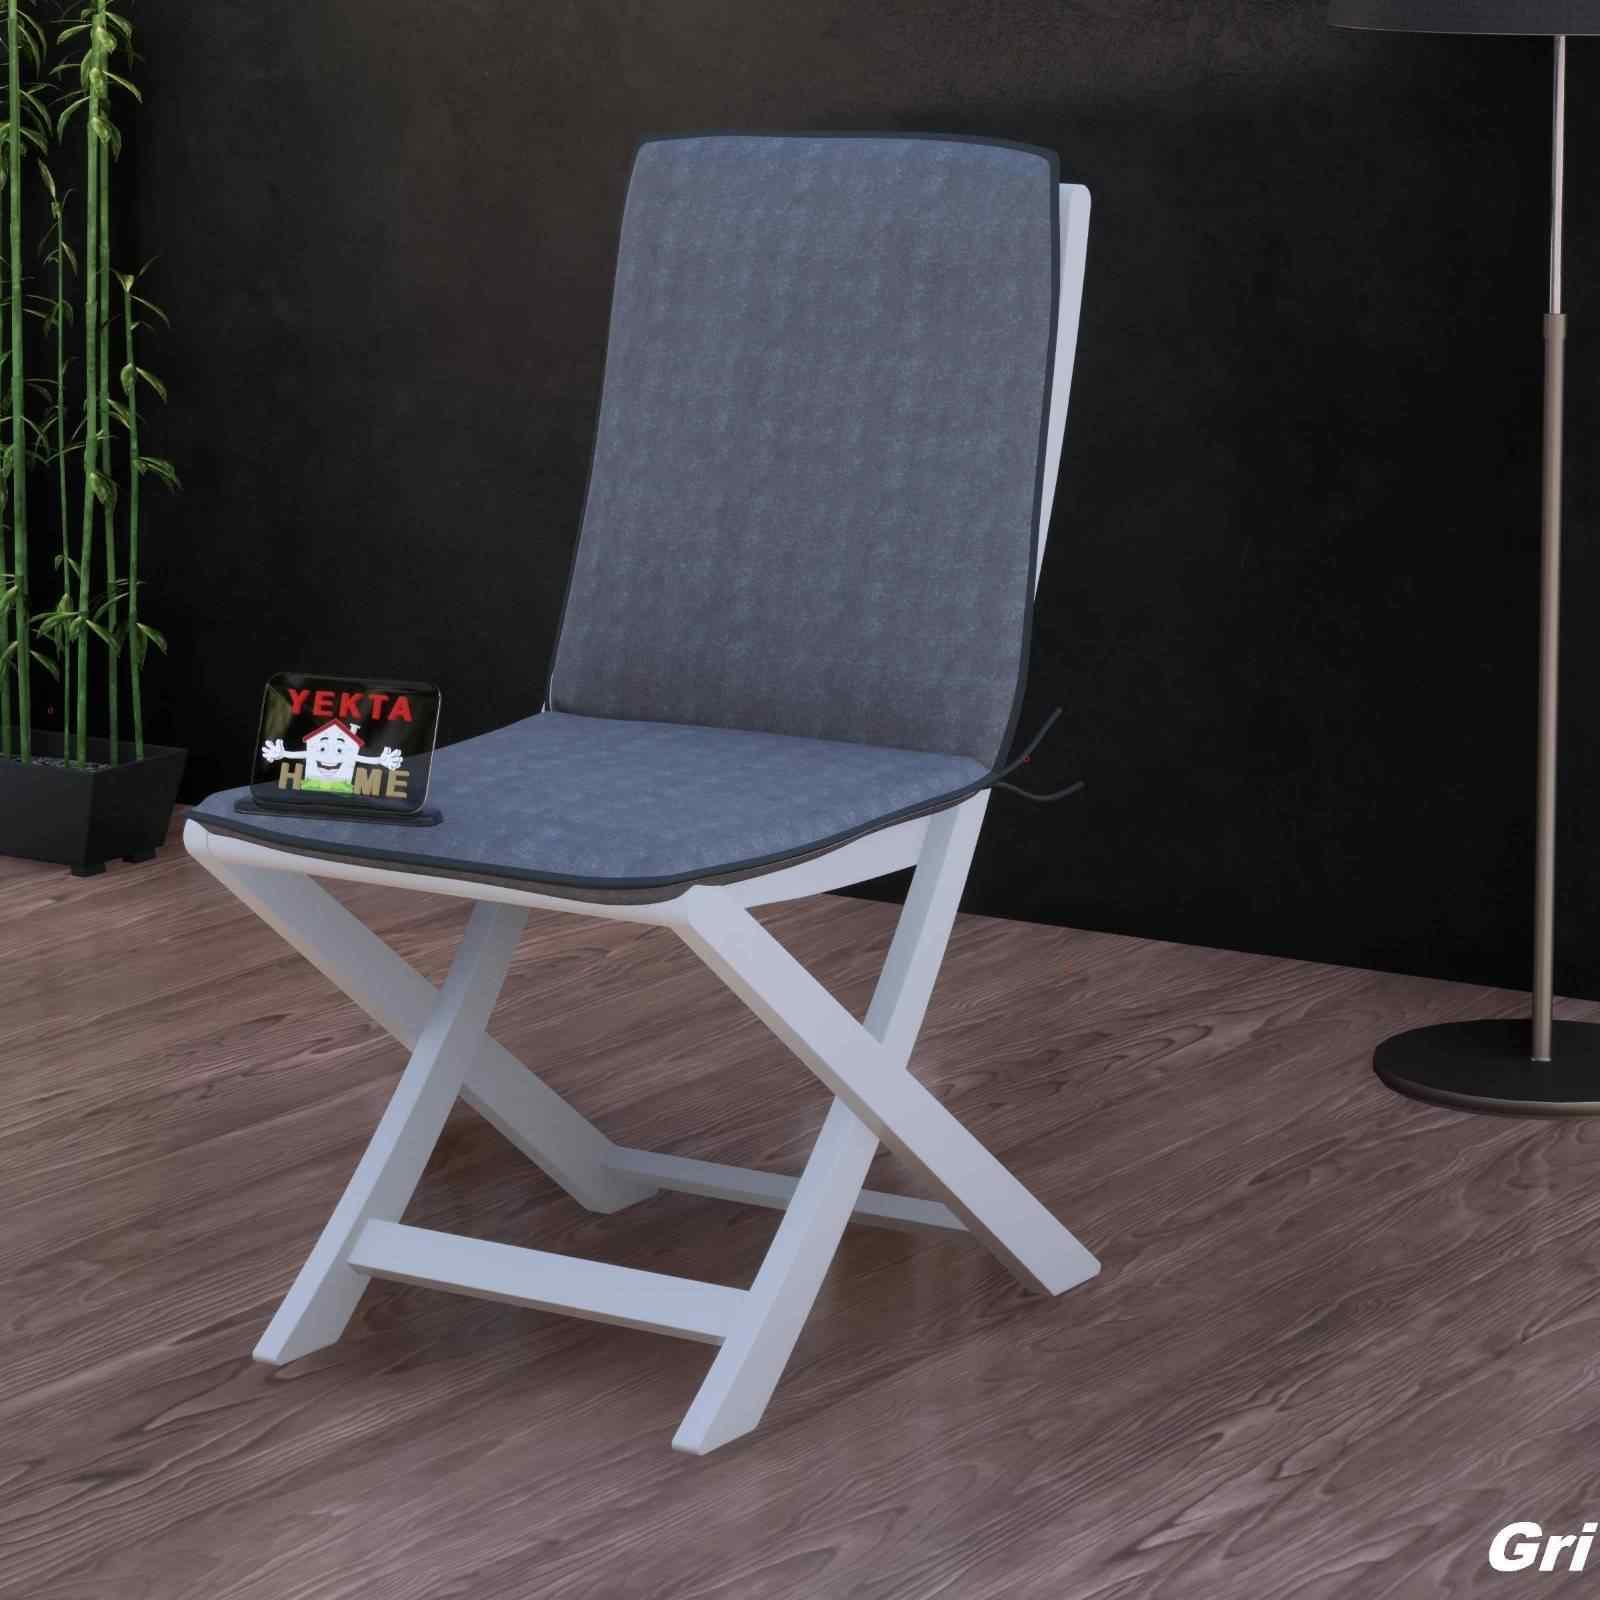 Sırtlı Sandalye Minderi - Arkalıklı Rattan Koltuk Minderi 6 Adet Gri